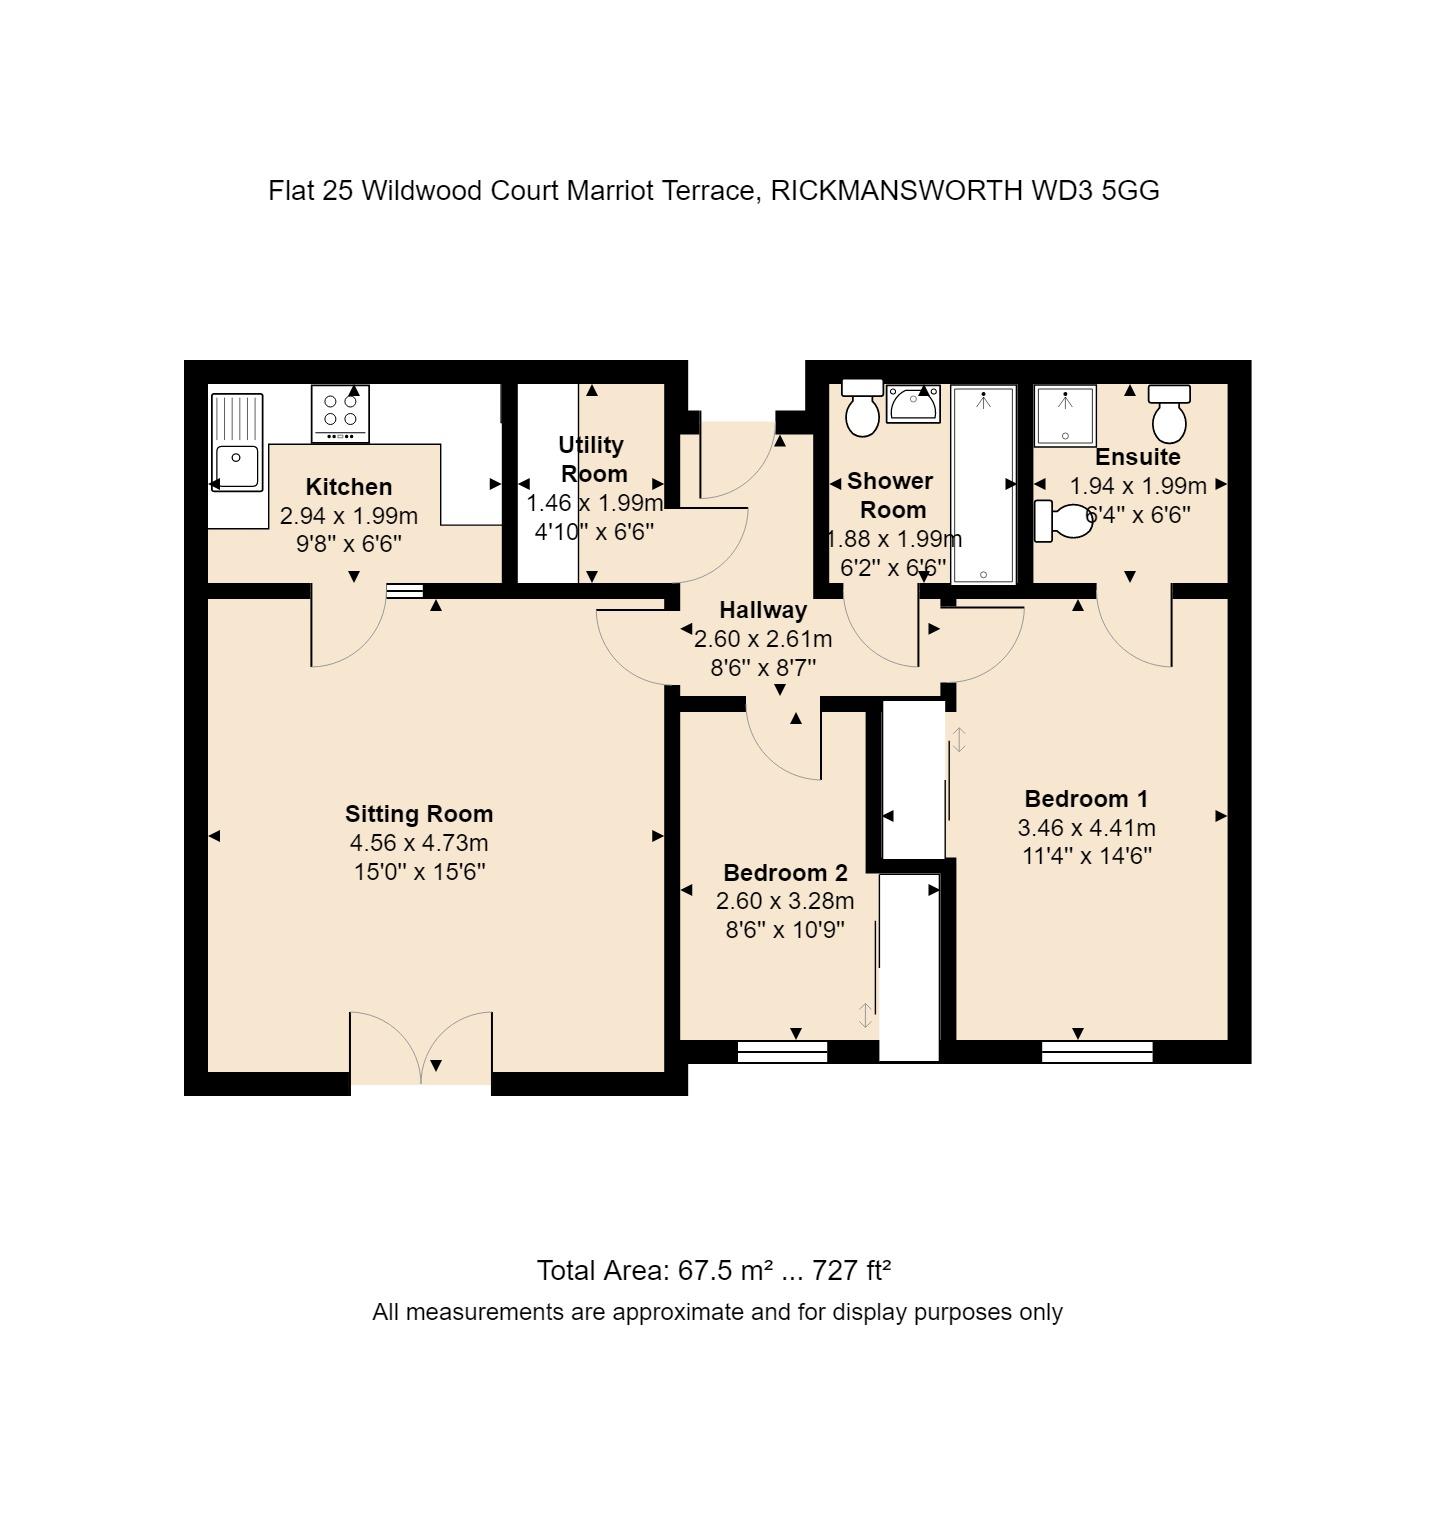 25 Wildwood Court Floorplan